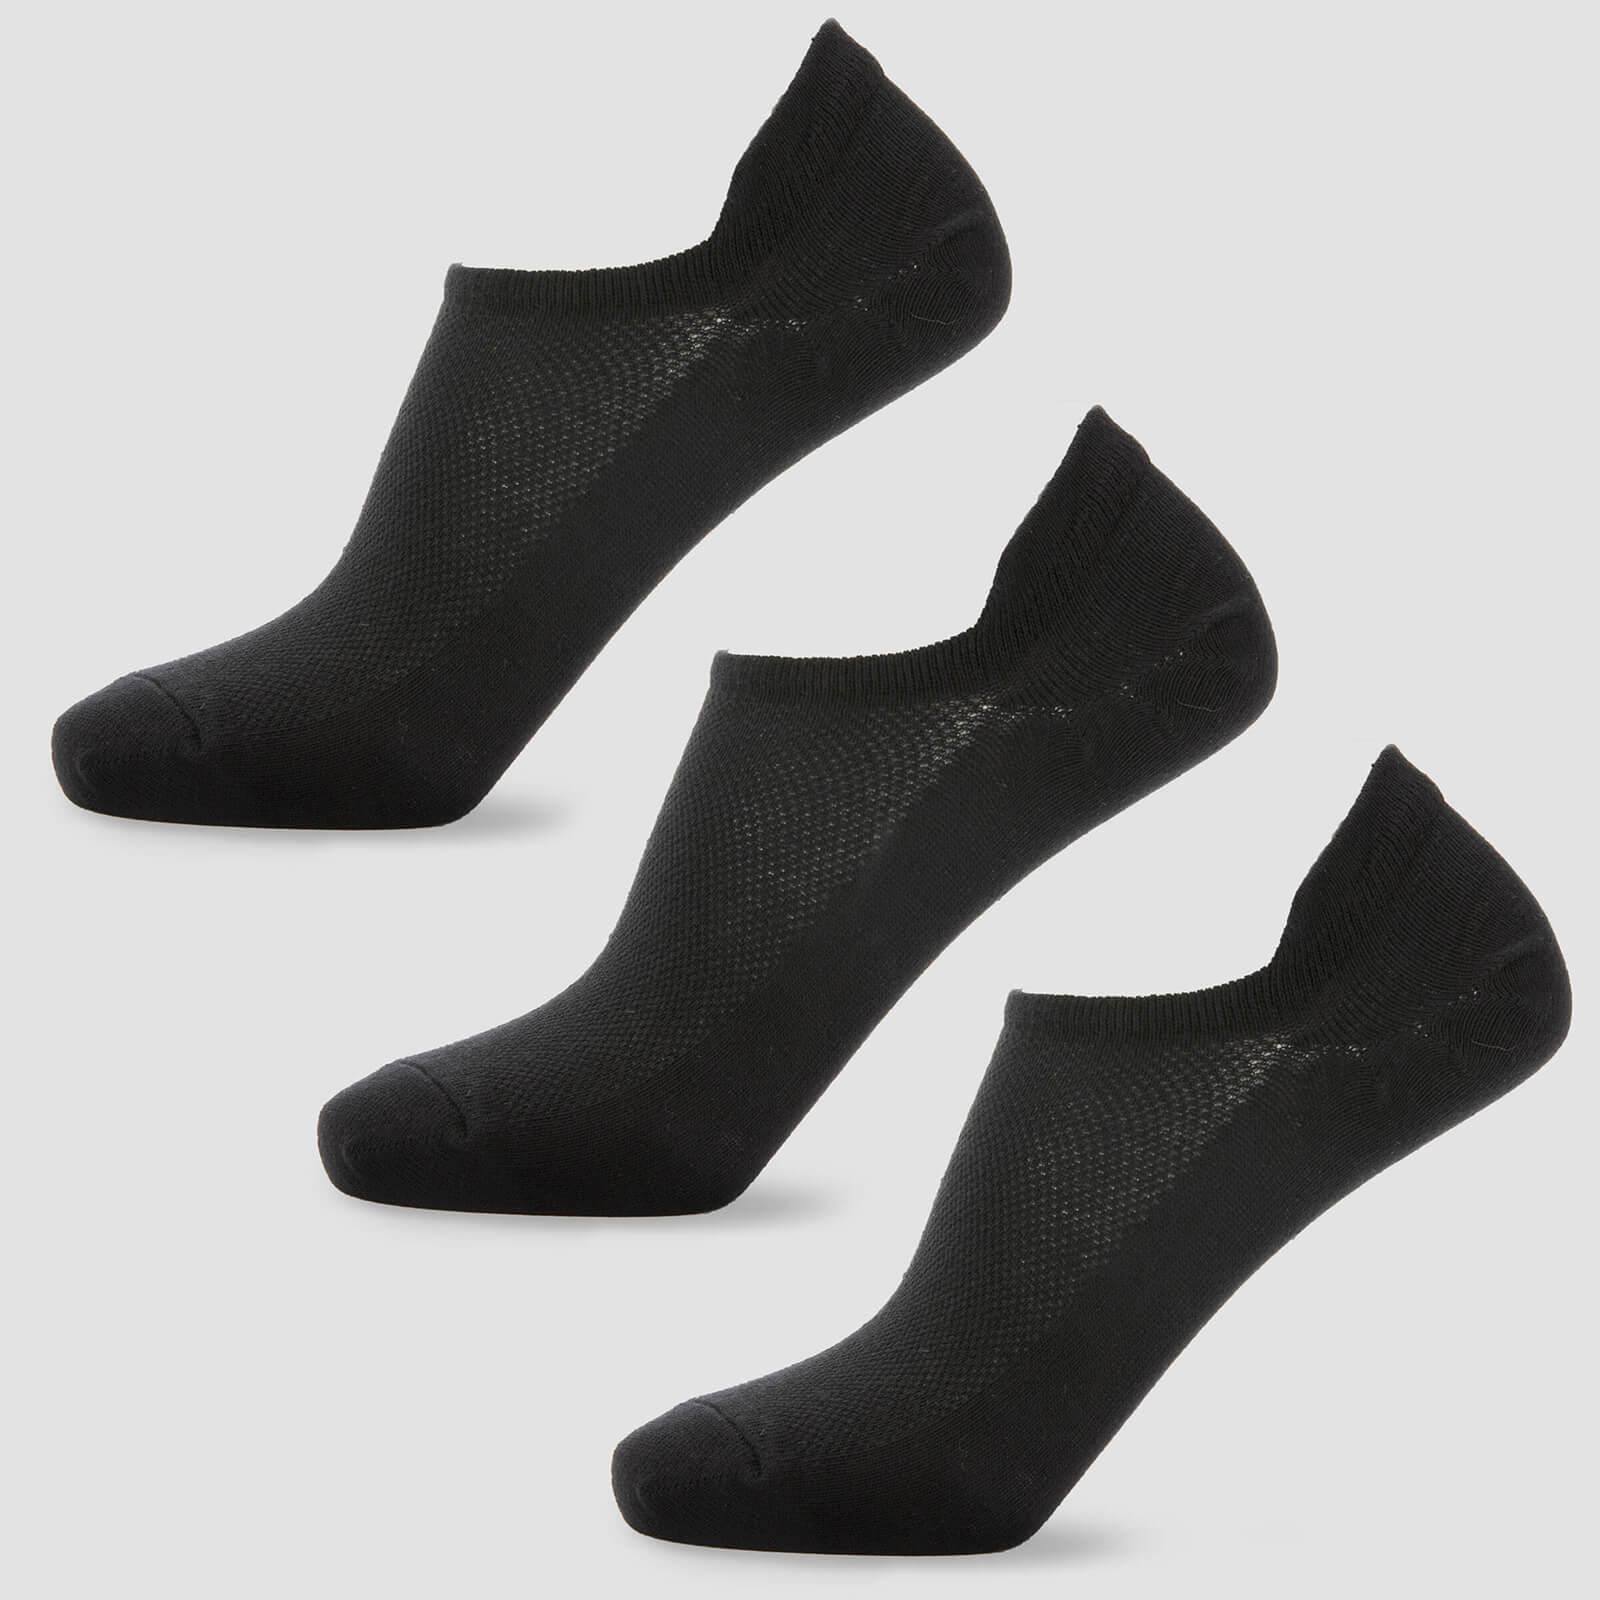 Chaussettes courtes pour femme - Noires - UK 3-6